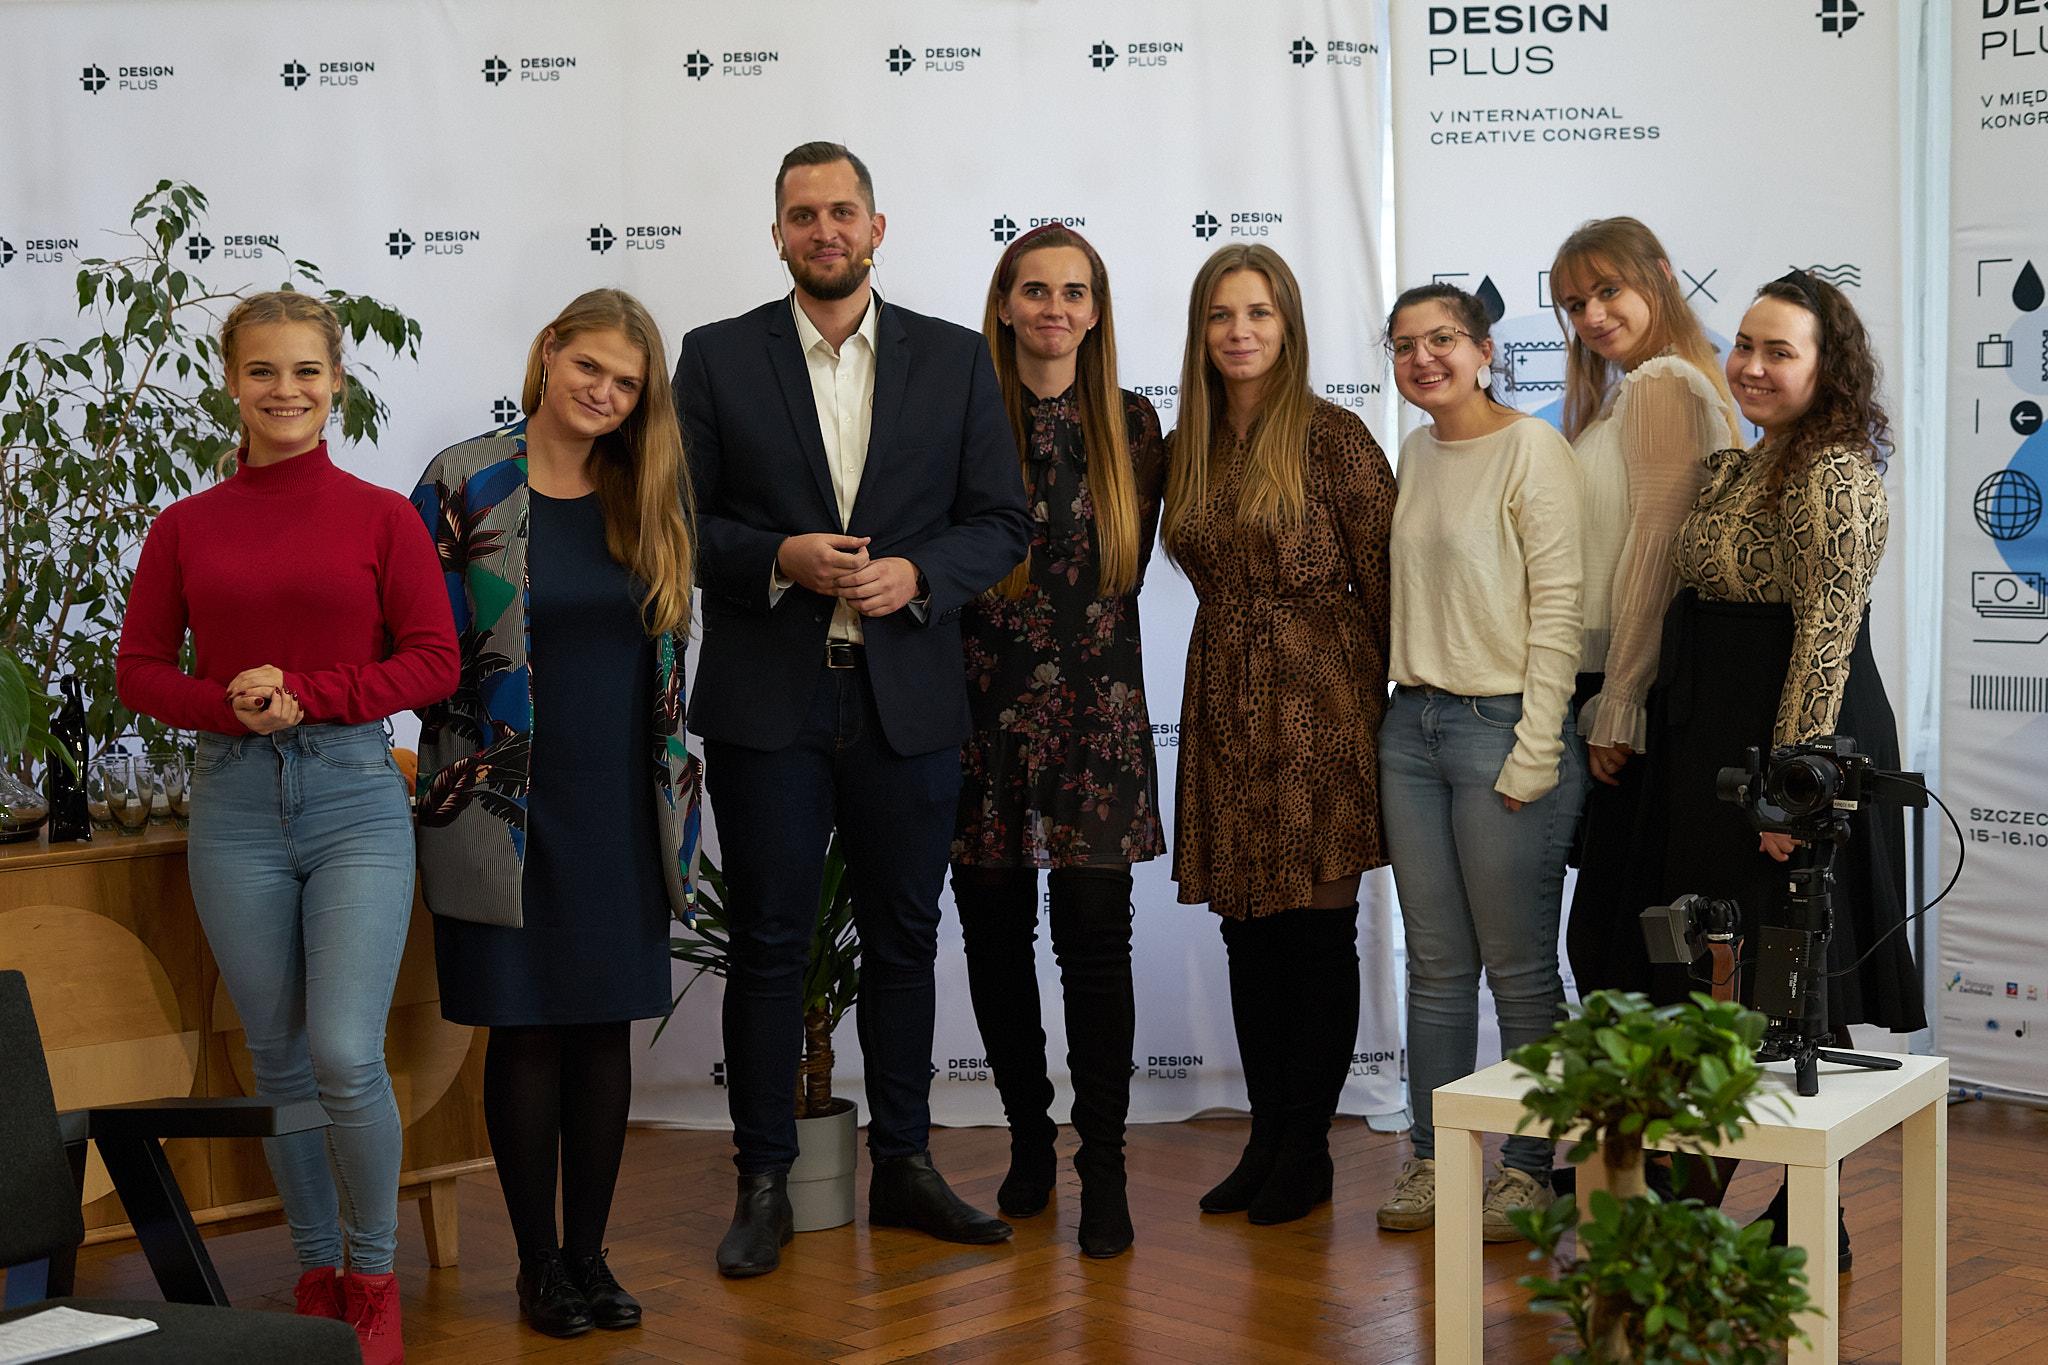 V Międzynarodowy Kongres Kreatywny Design Plus / Dzień 1